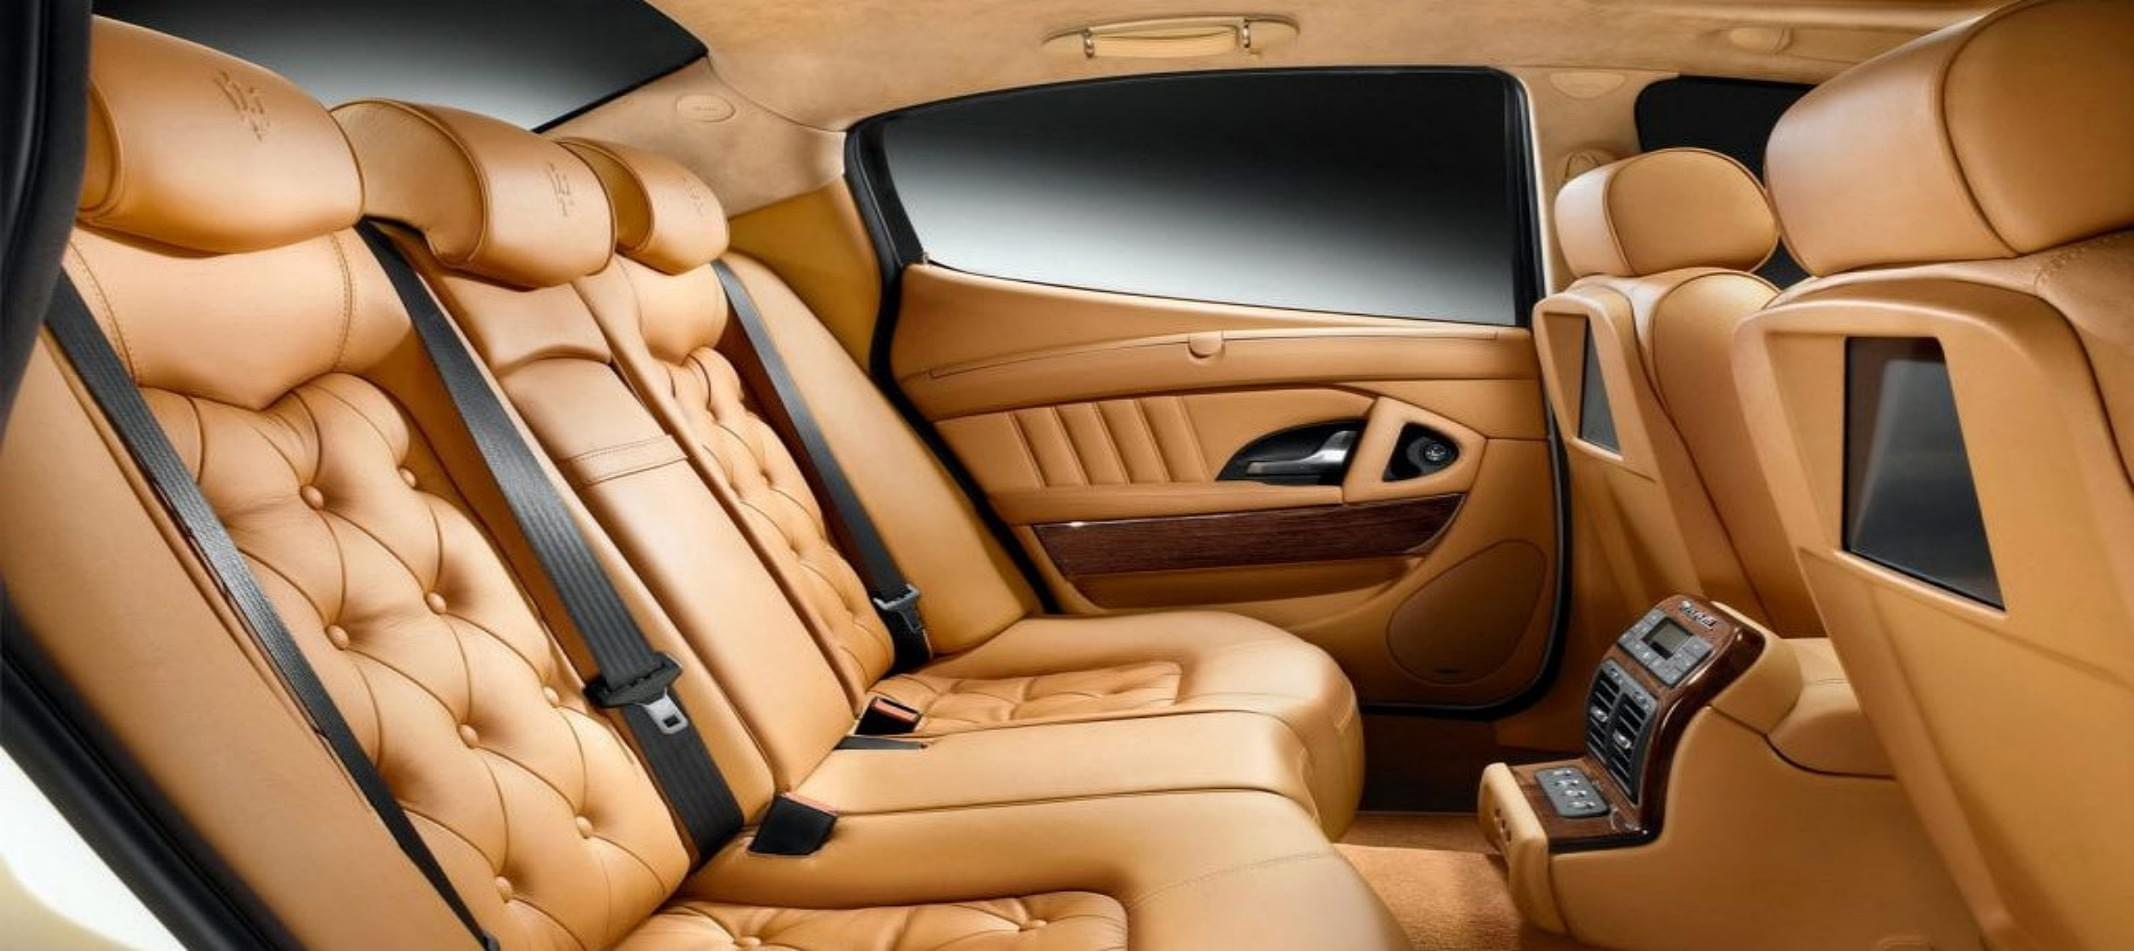 Α1leather-interior-expensive